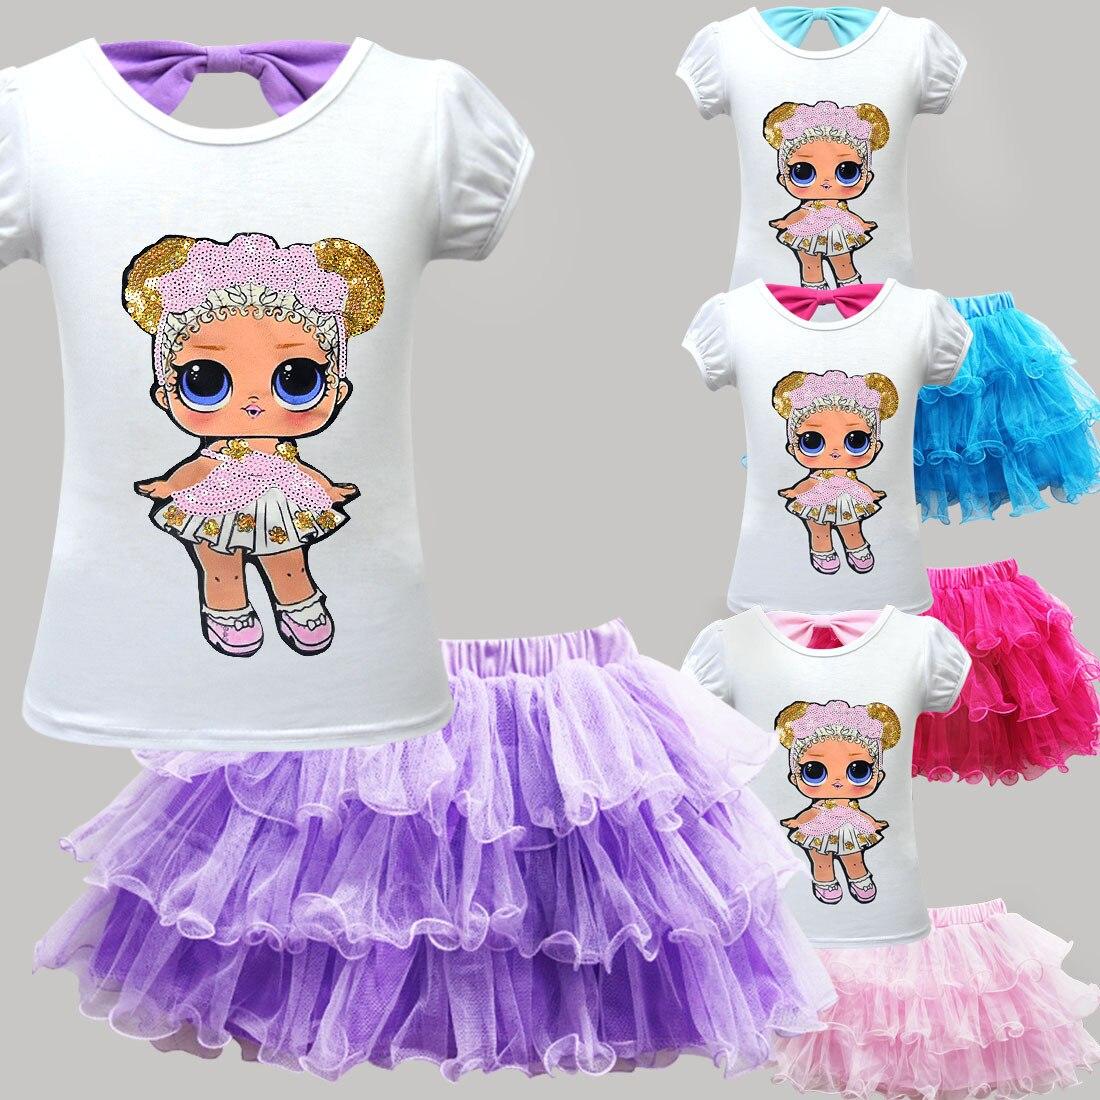 2019 New Surprise Cartoon Girl Trend LOl Suit Skirt Cute Girl Children Short-sleeved Mesh Tutu + Bag